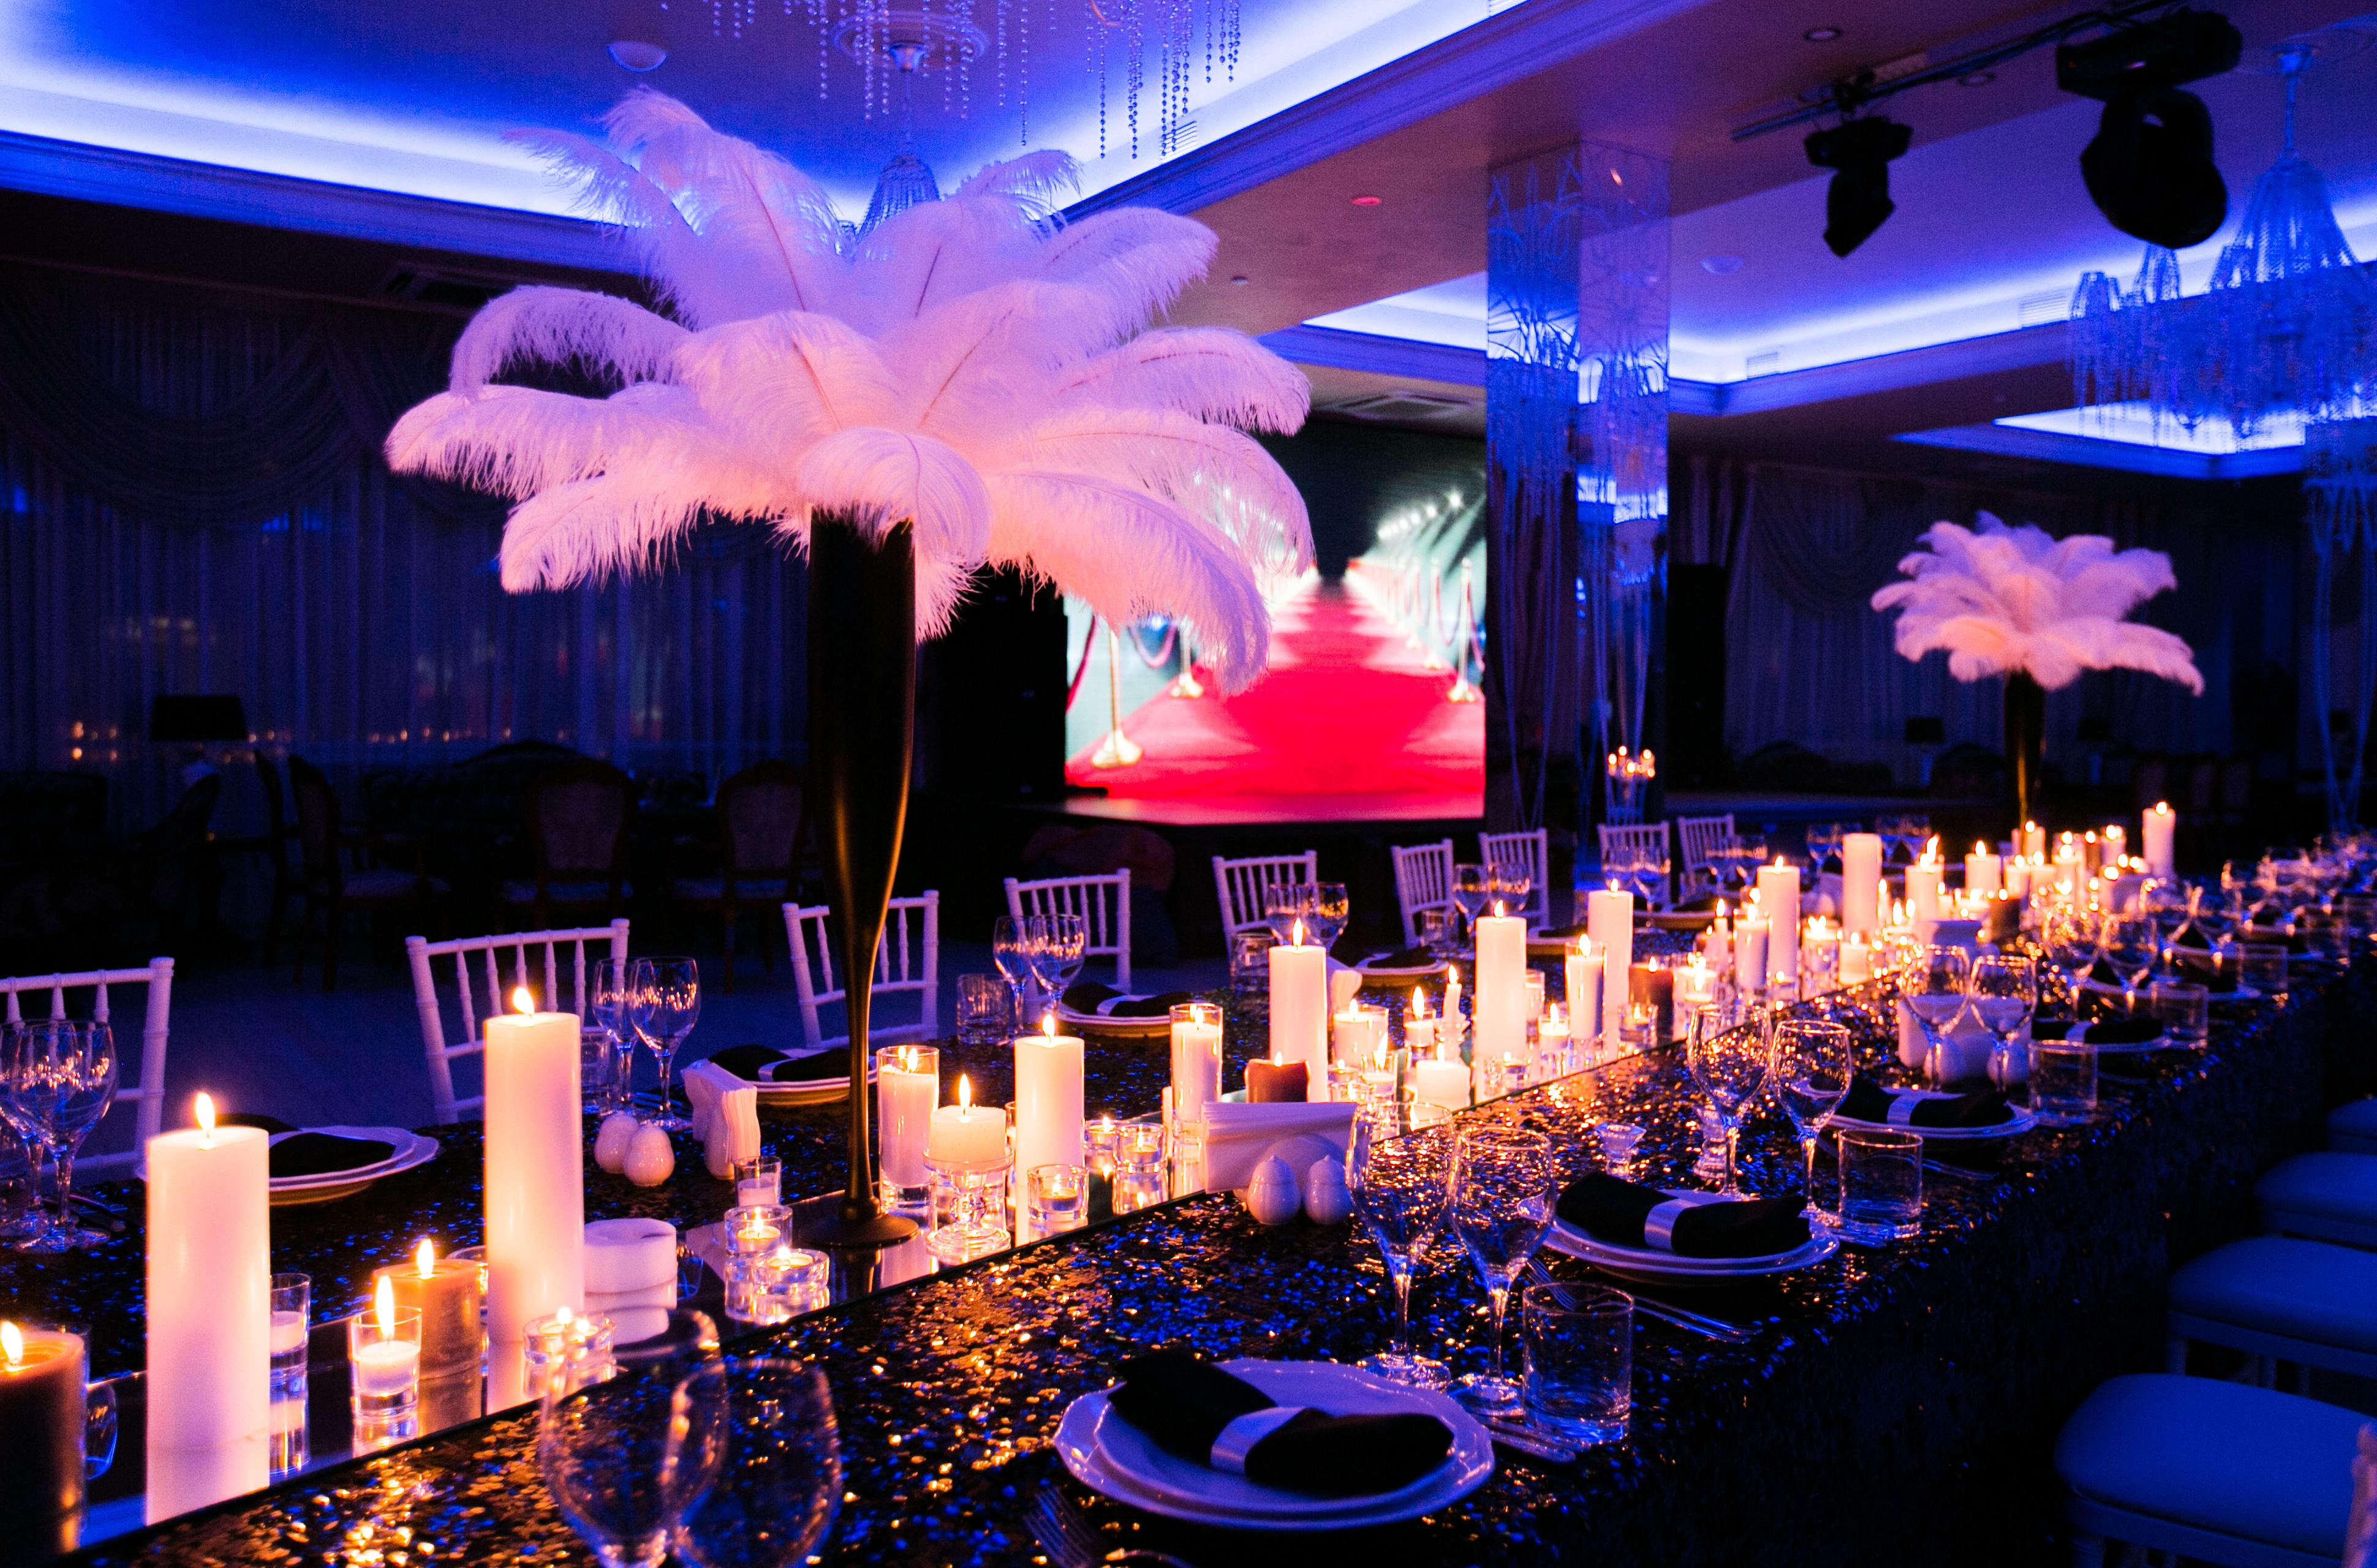 День рождения в ресторане Атлантик, Одесса. Организация и декор - Скоро Свадьба